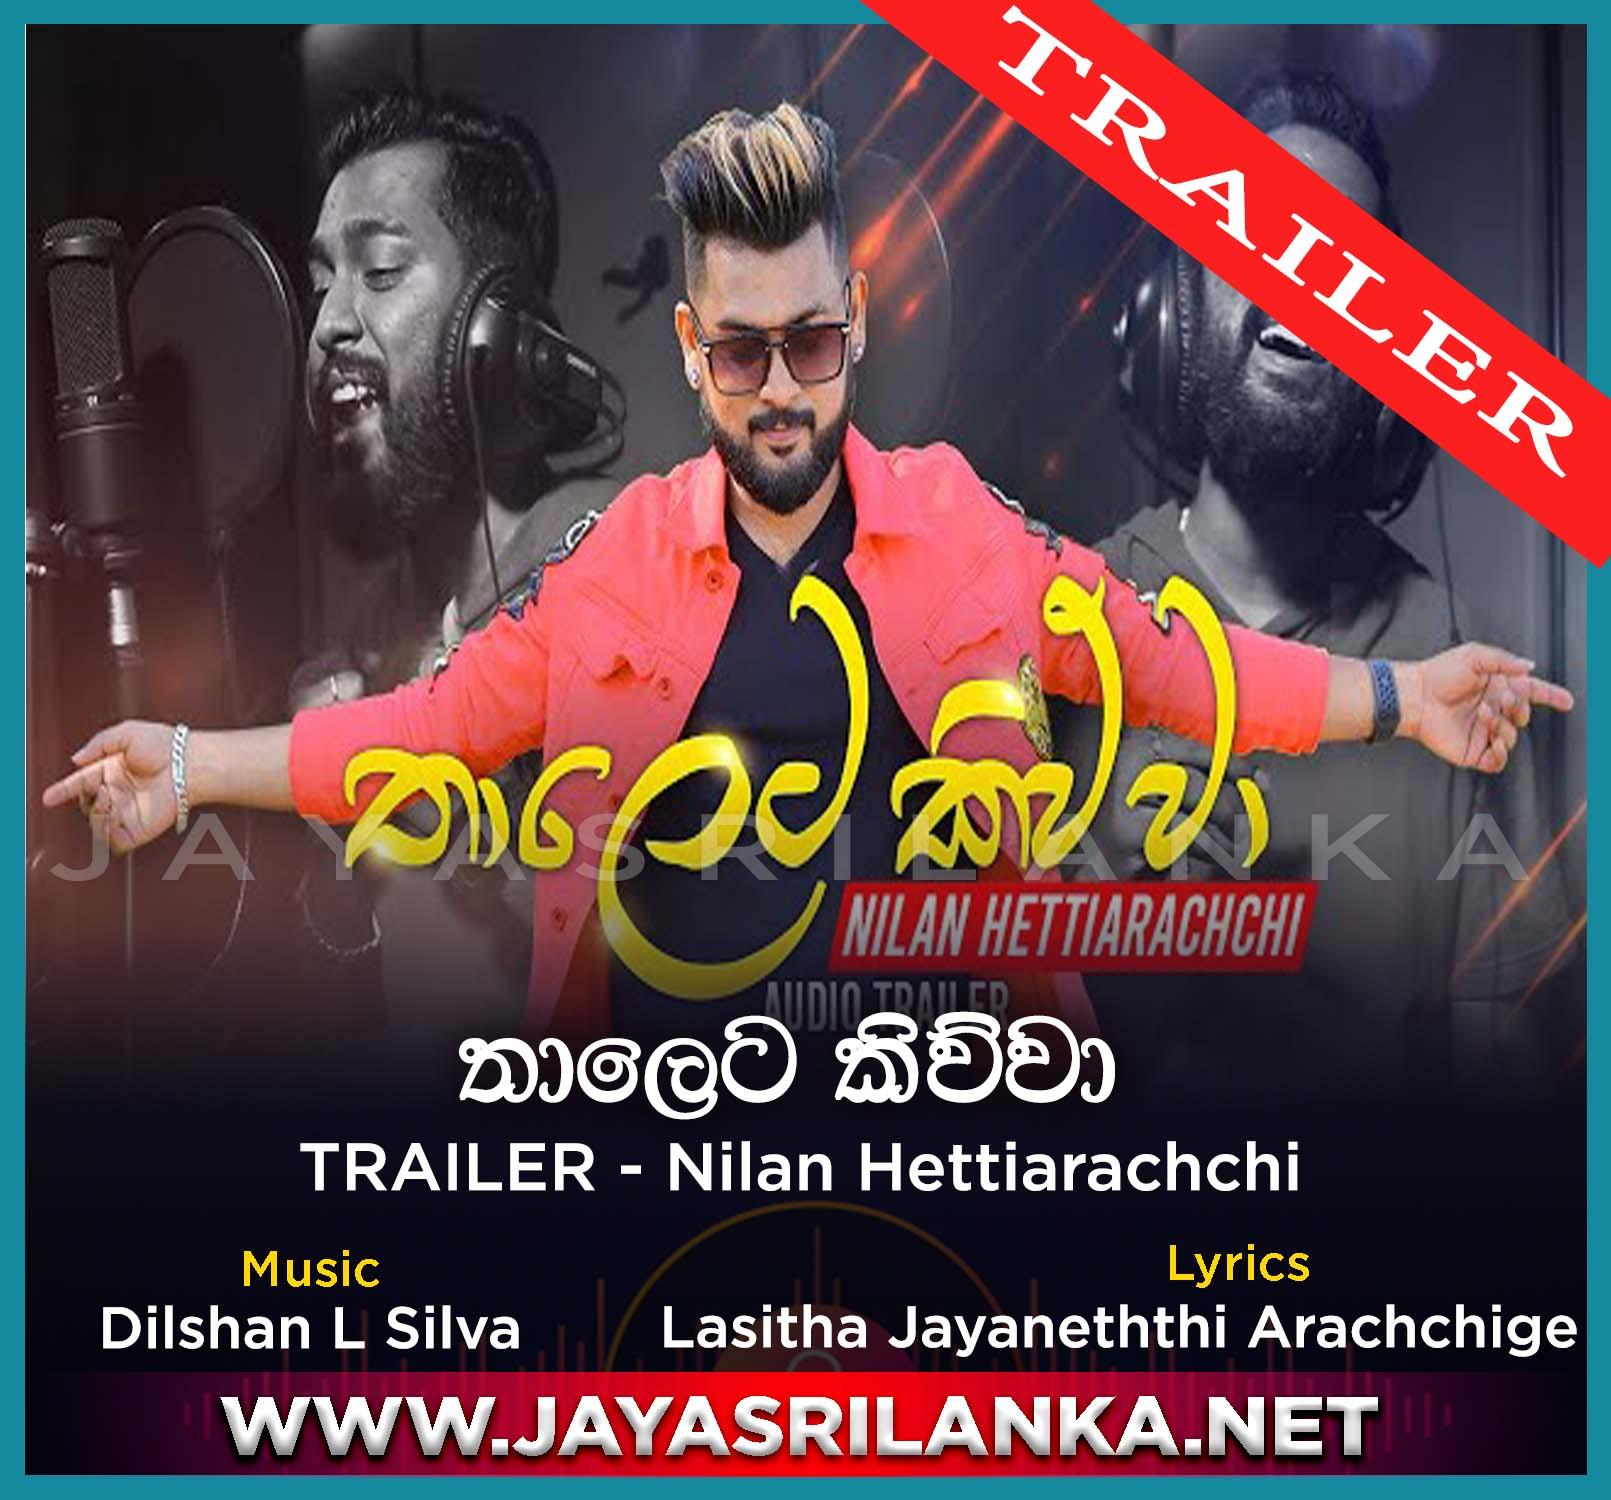 Thaleta Kiwwa Trailer